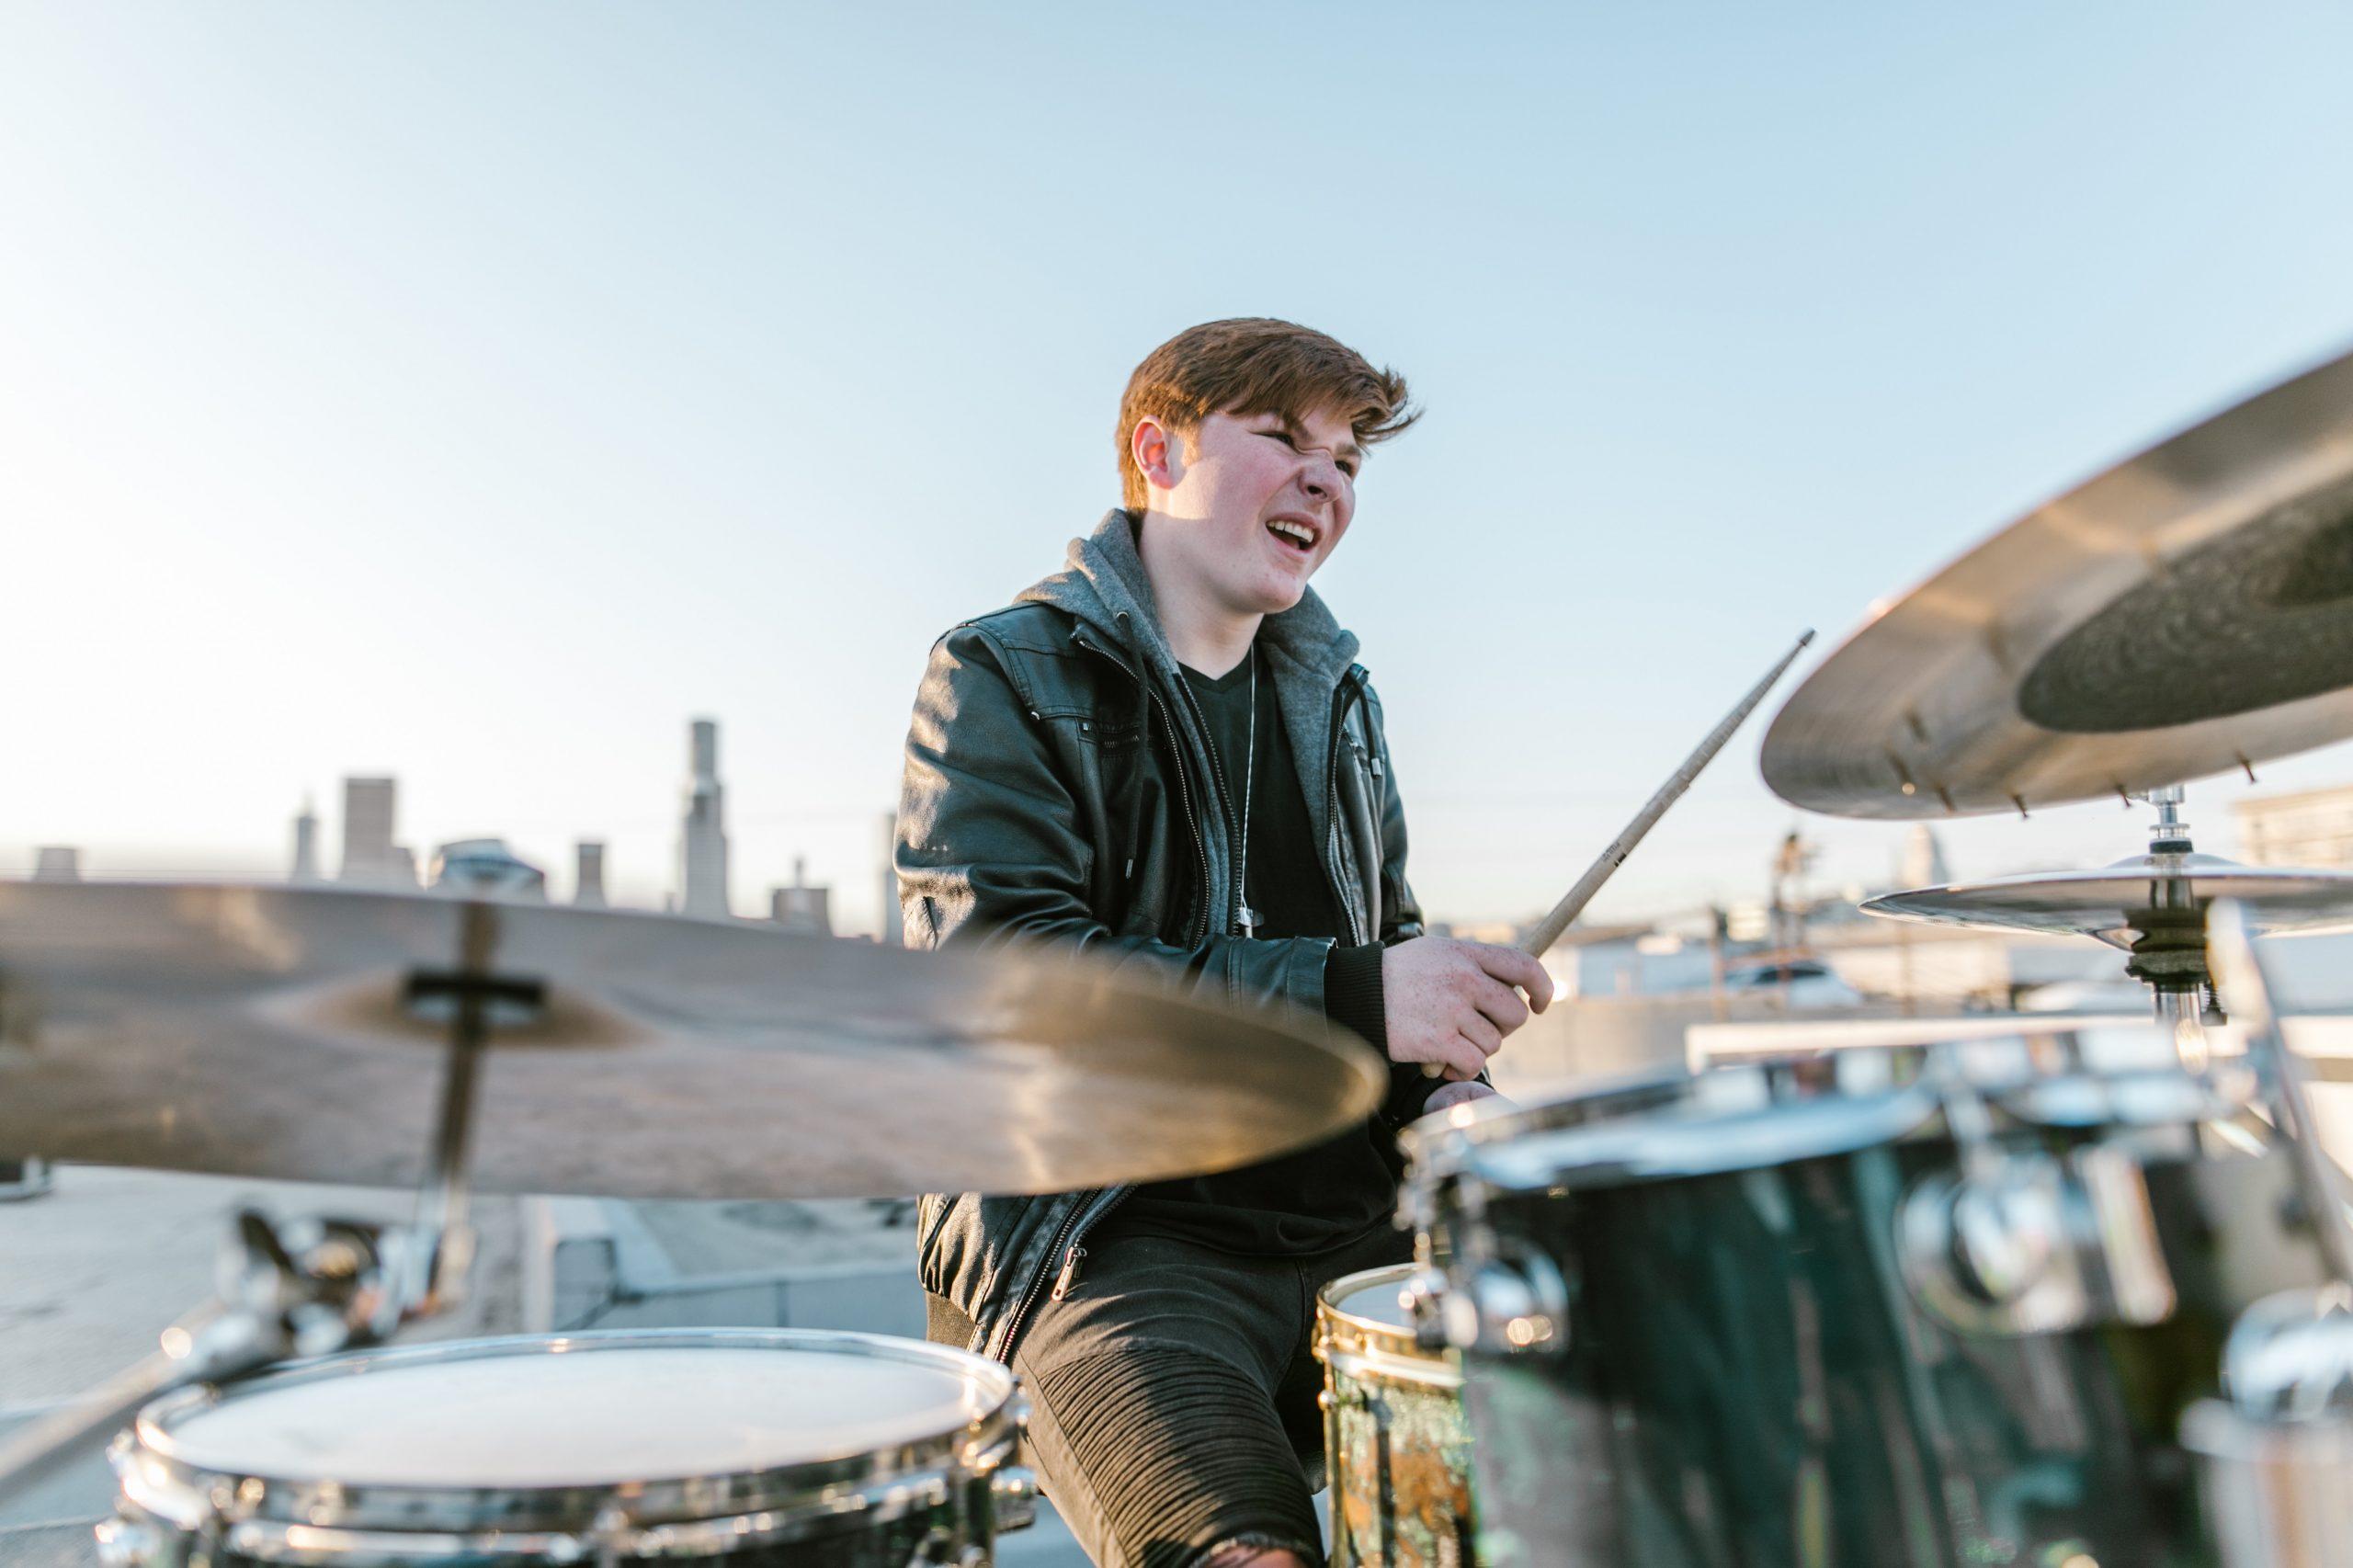 Guide sådan kommer du i gang med at spille trommer